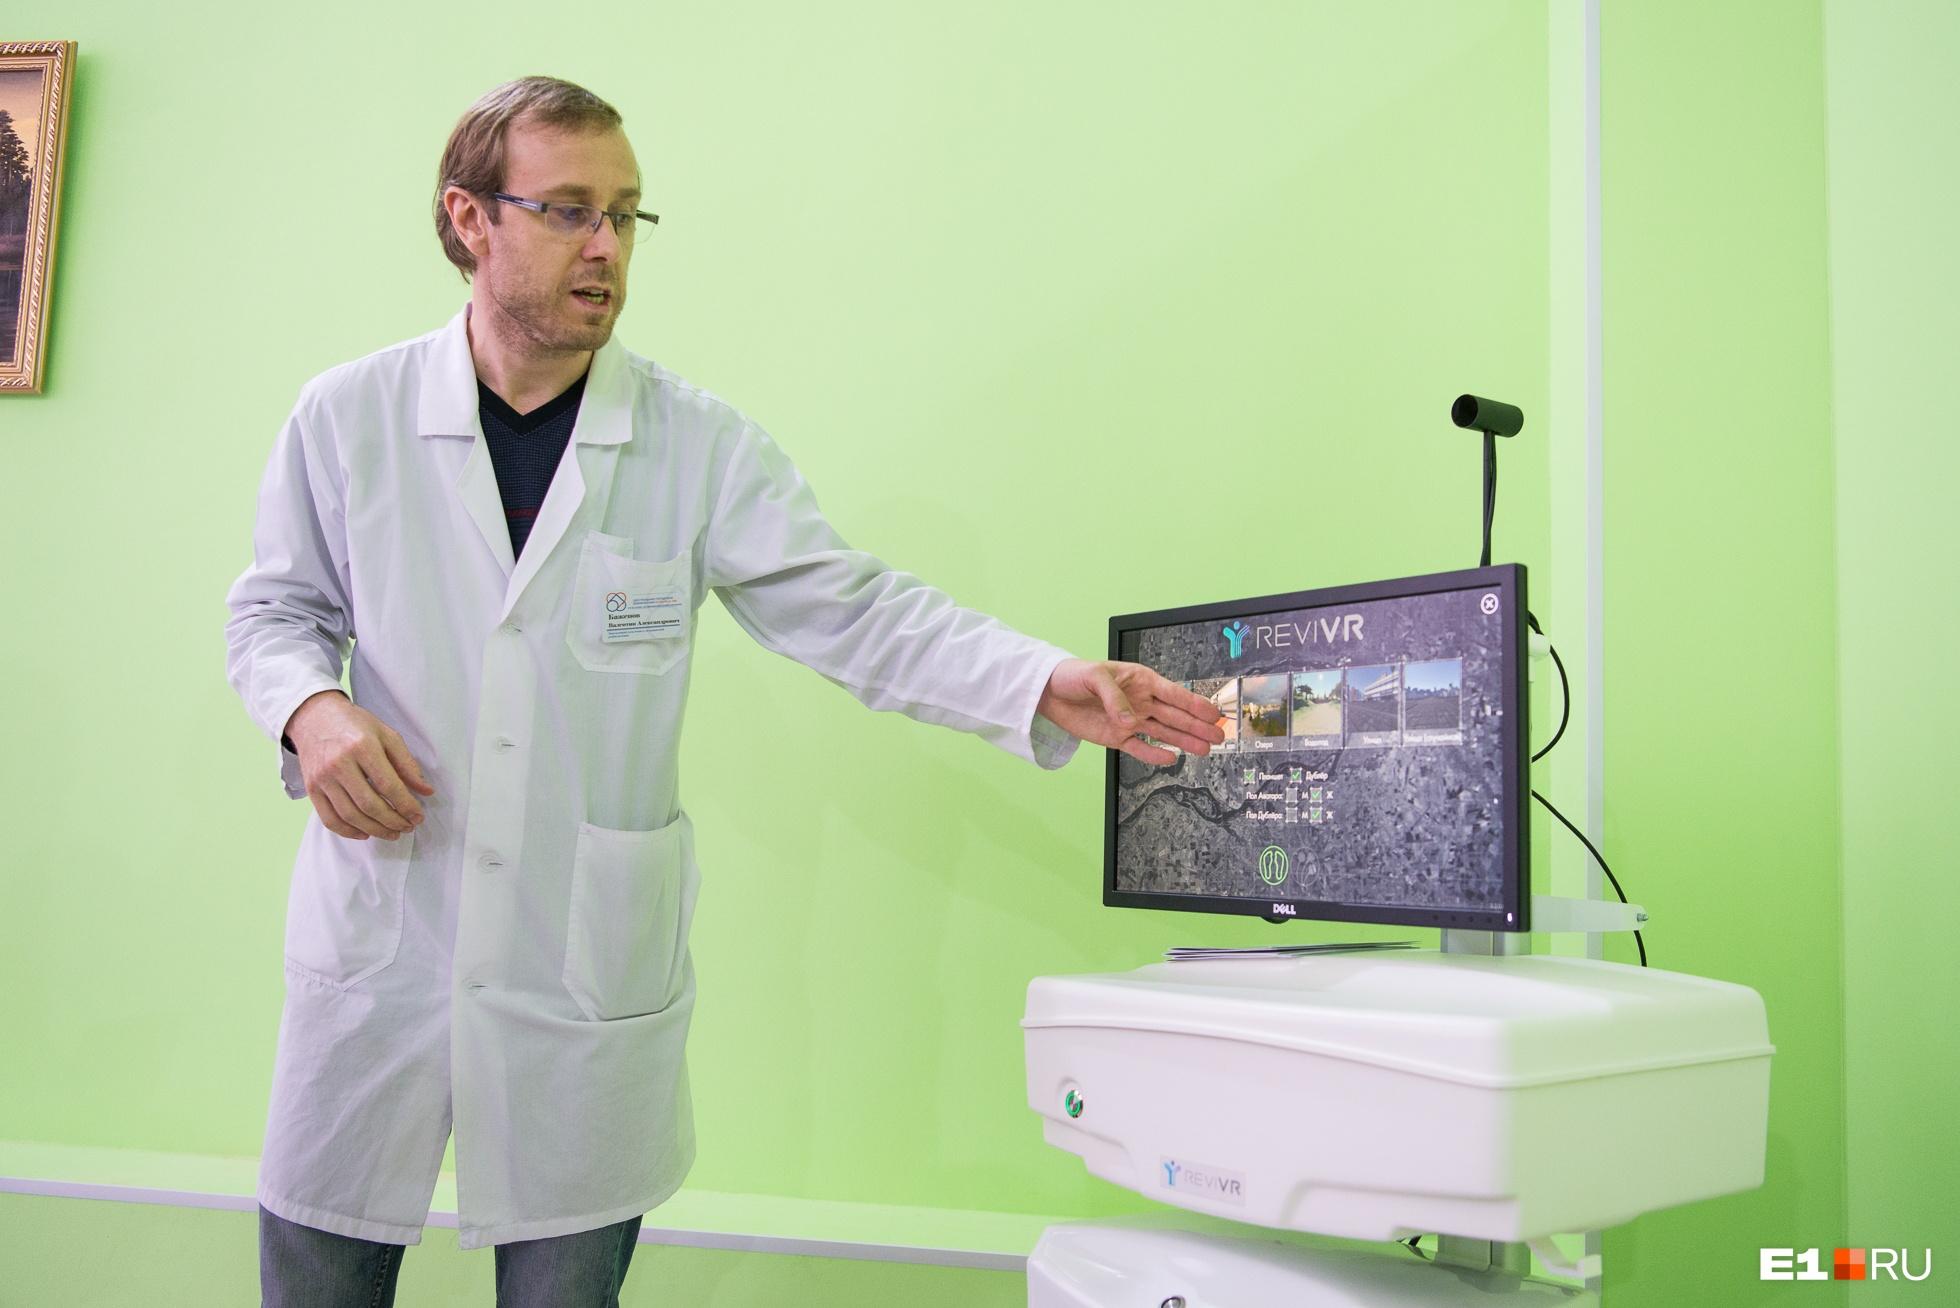 Заведующий отделением медицинской реабилитации ЦГКБ № 6, врач-невролог Валентин Баженов